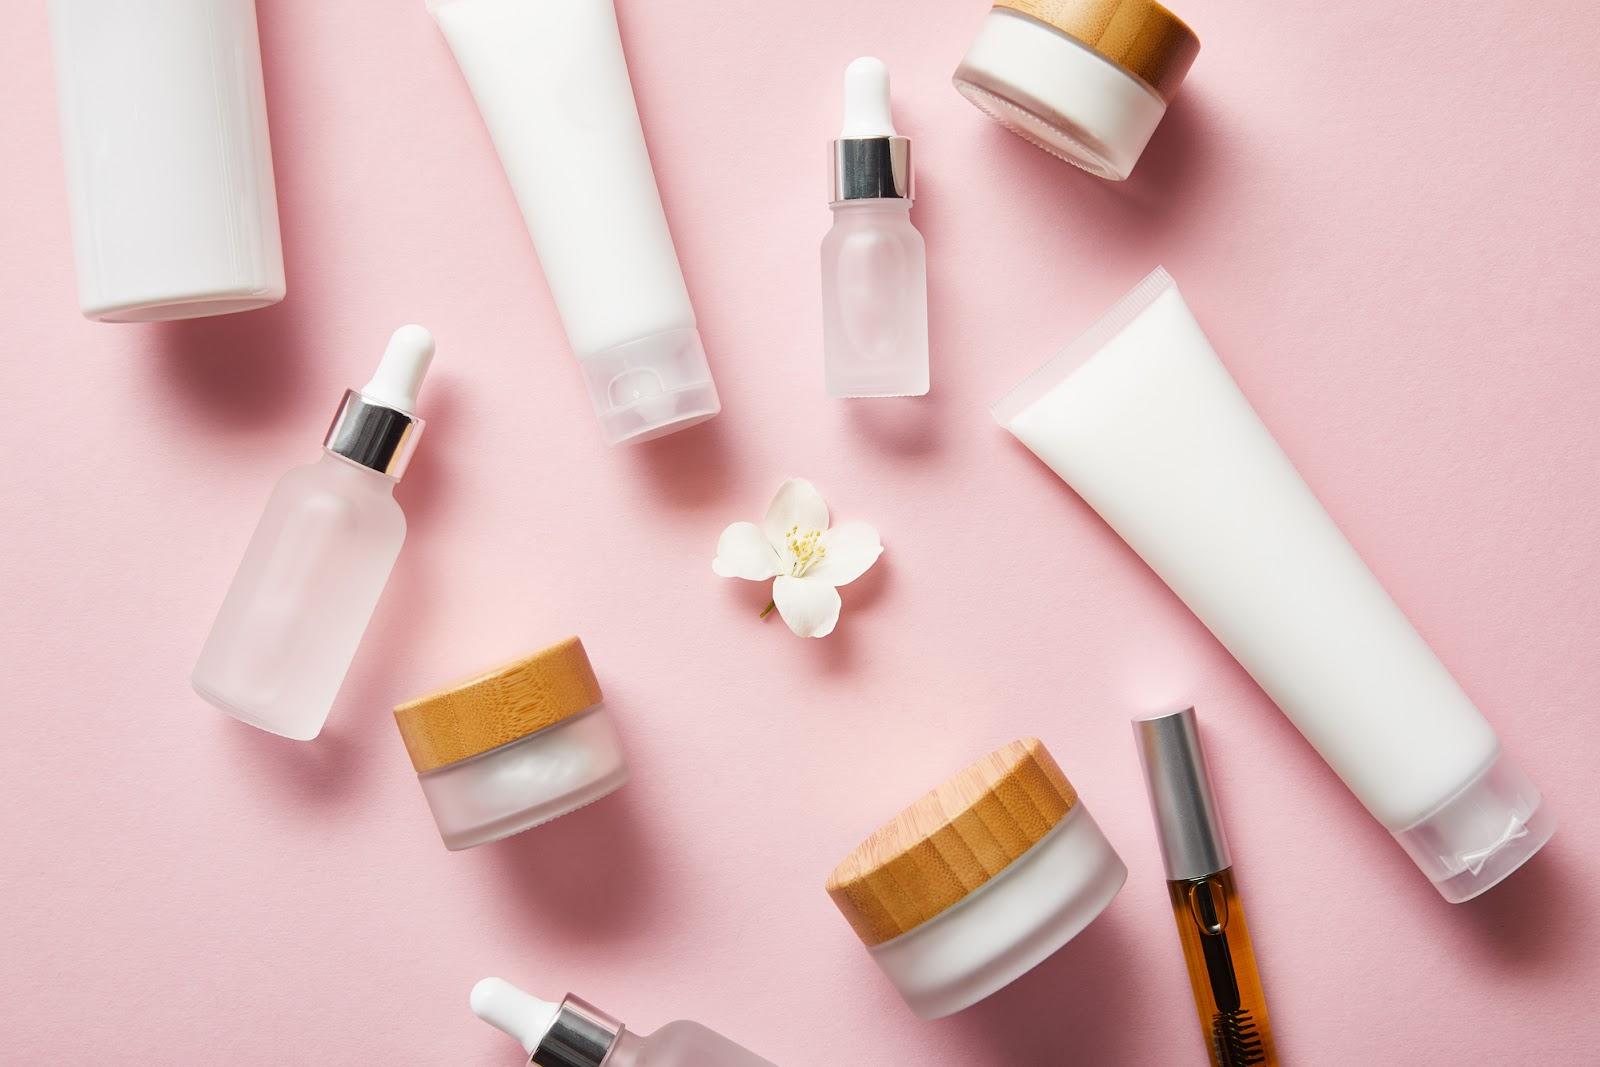 kosmetyki i pielęgnacja dla kobiet